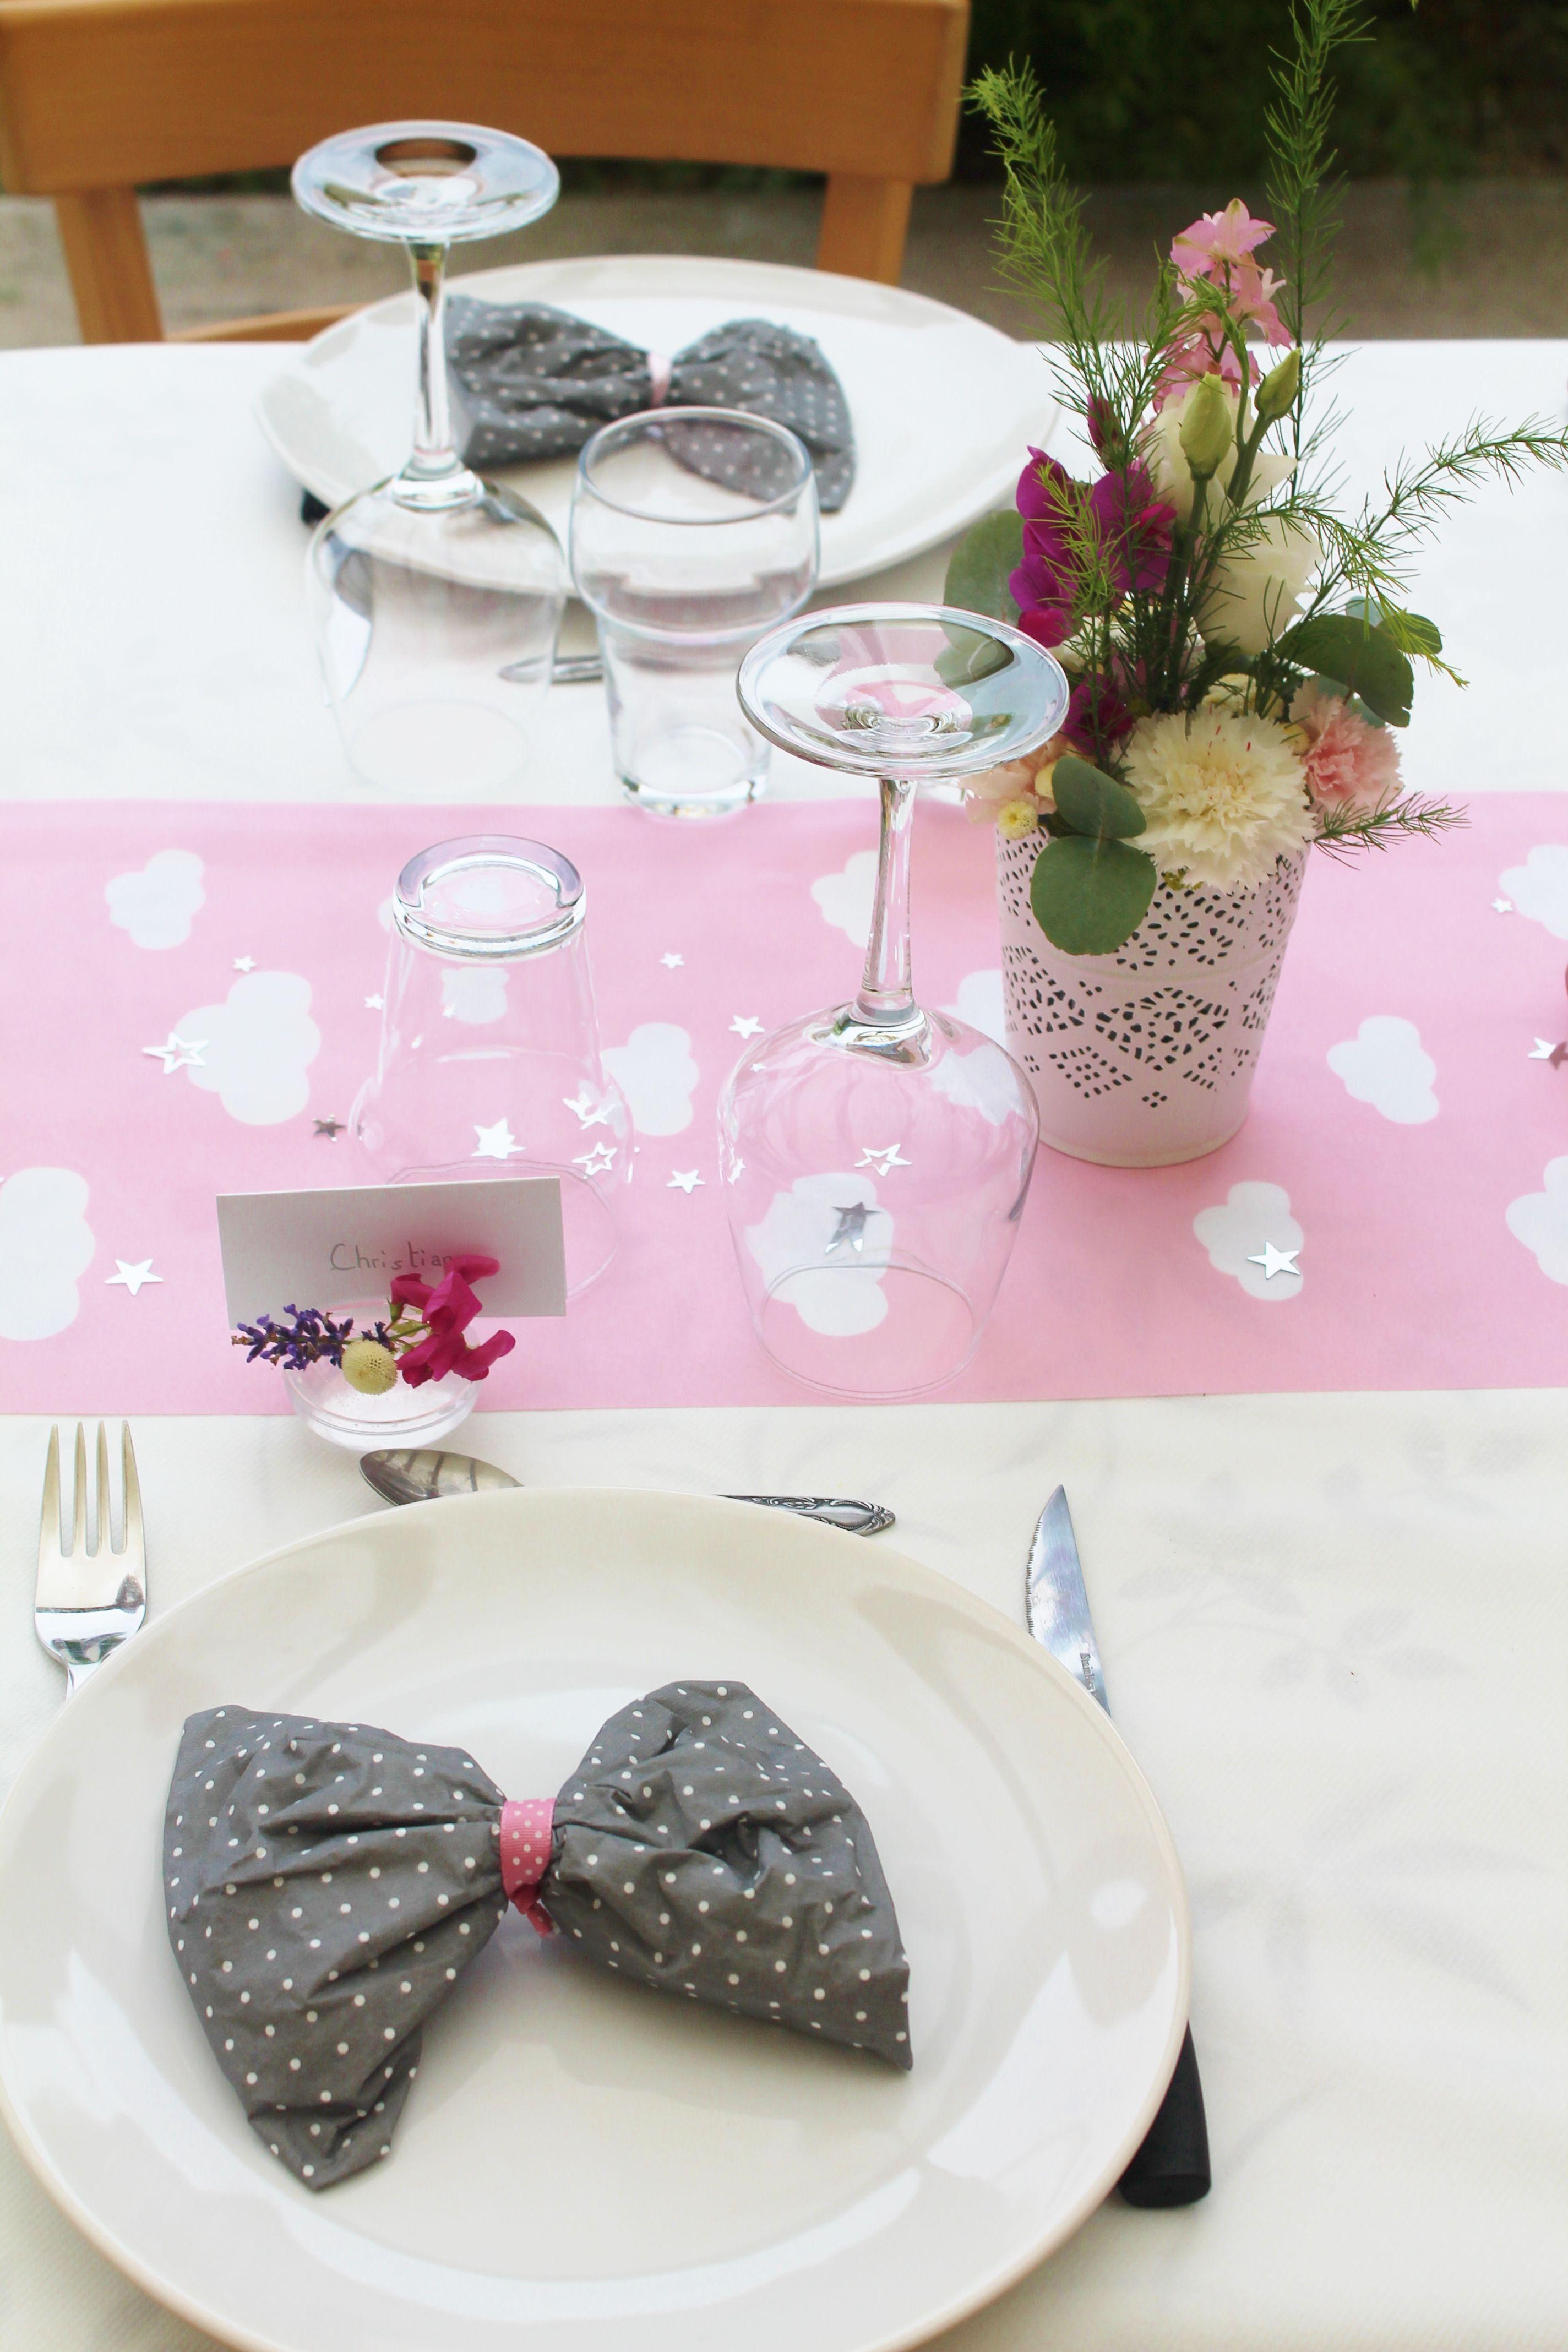 table de bapt me chemin de table nuage serviette pliage noeud compo florale soliflore porte. Black Bedroom Furniture Sets. Home Design Ideas